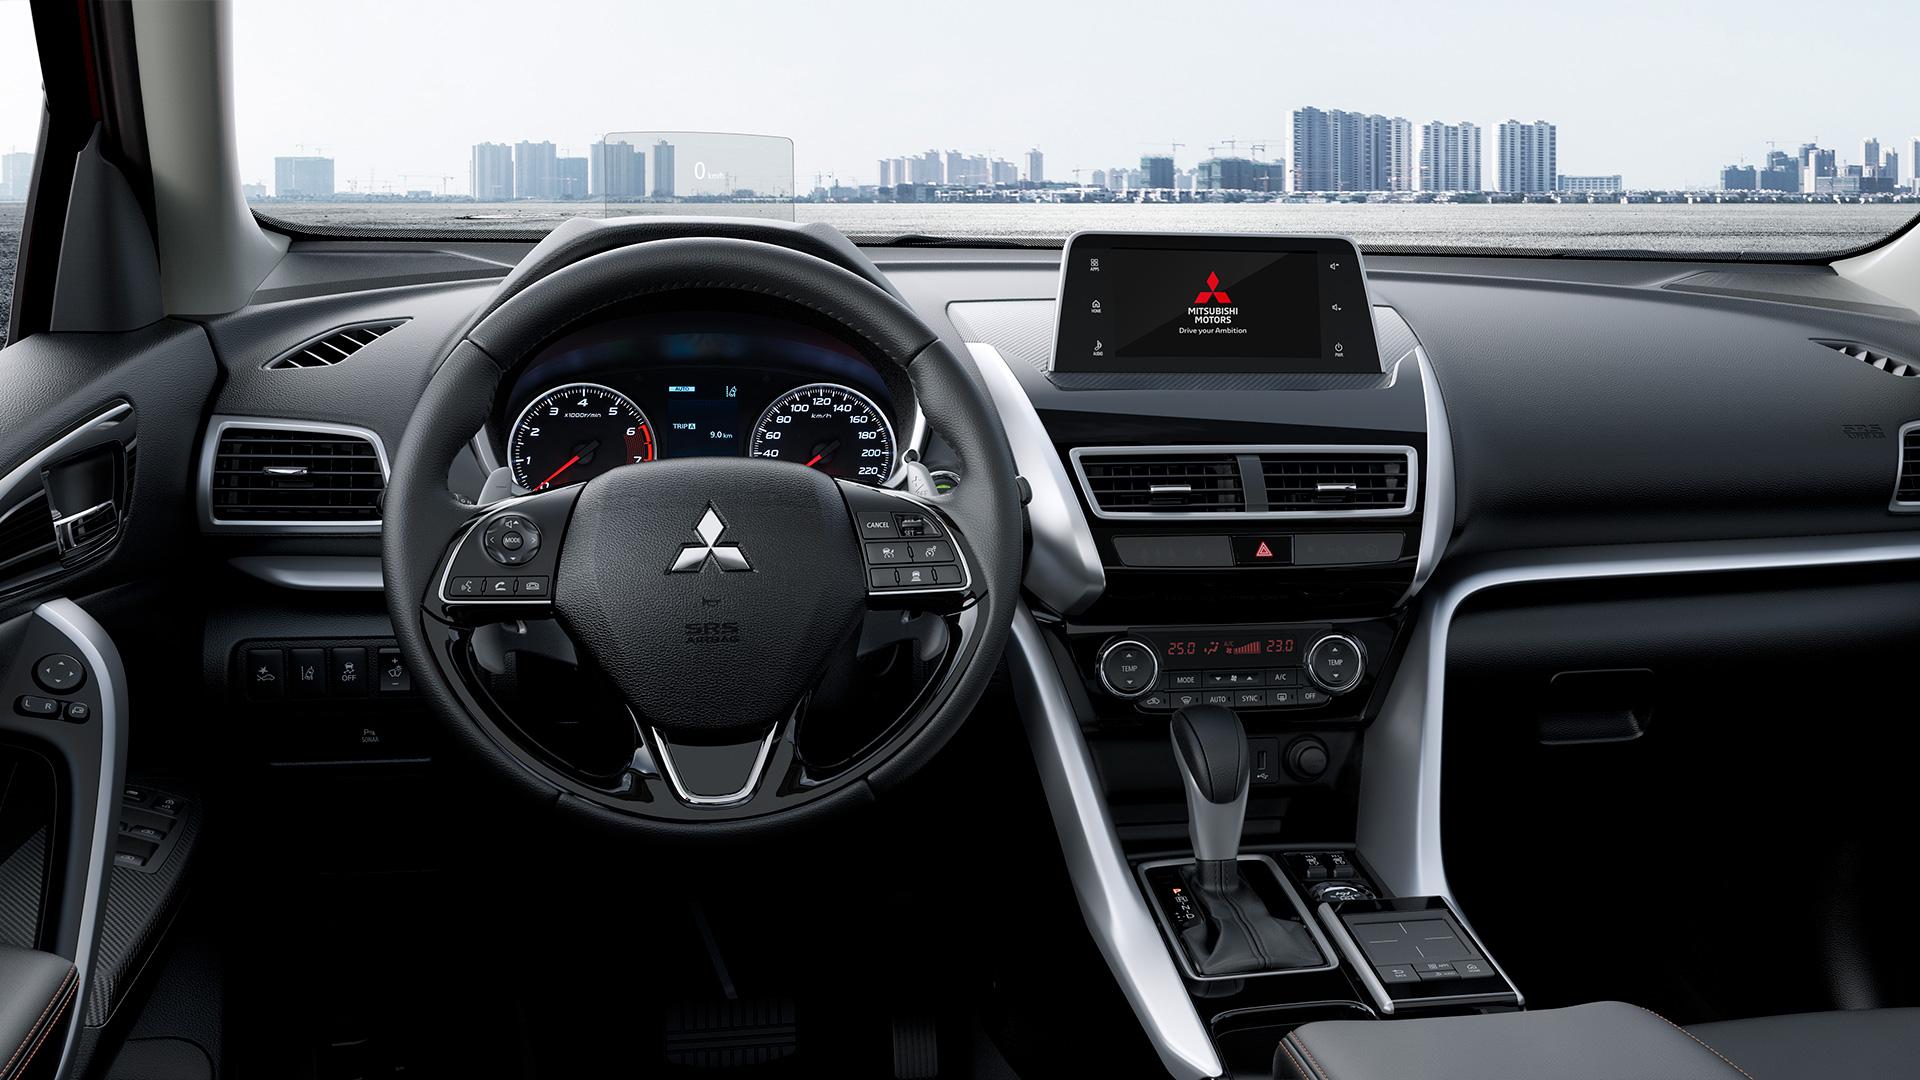 Novo Mitsubishi L200 TritonOutdoor para Comprar na Concessionária e Revenda Autorizada Marcovel Mitsubishi em Redenção e Paraupeba, Pará, PA